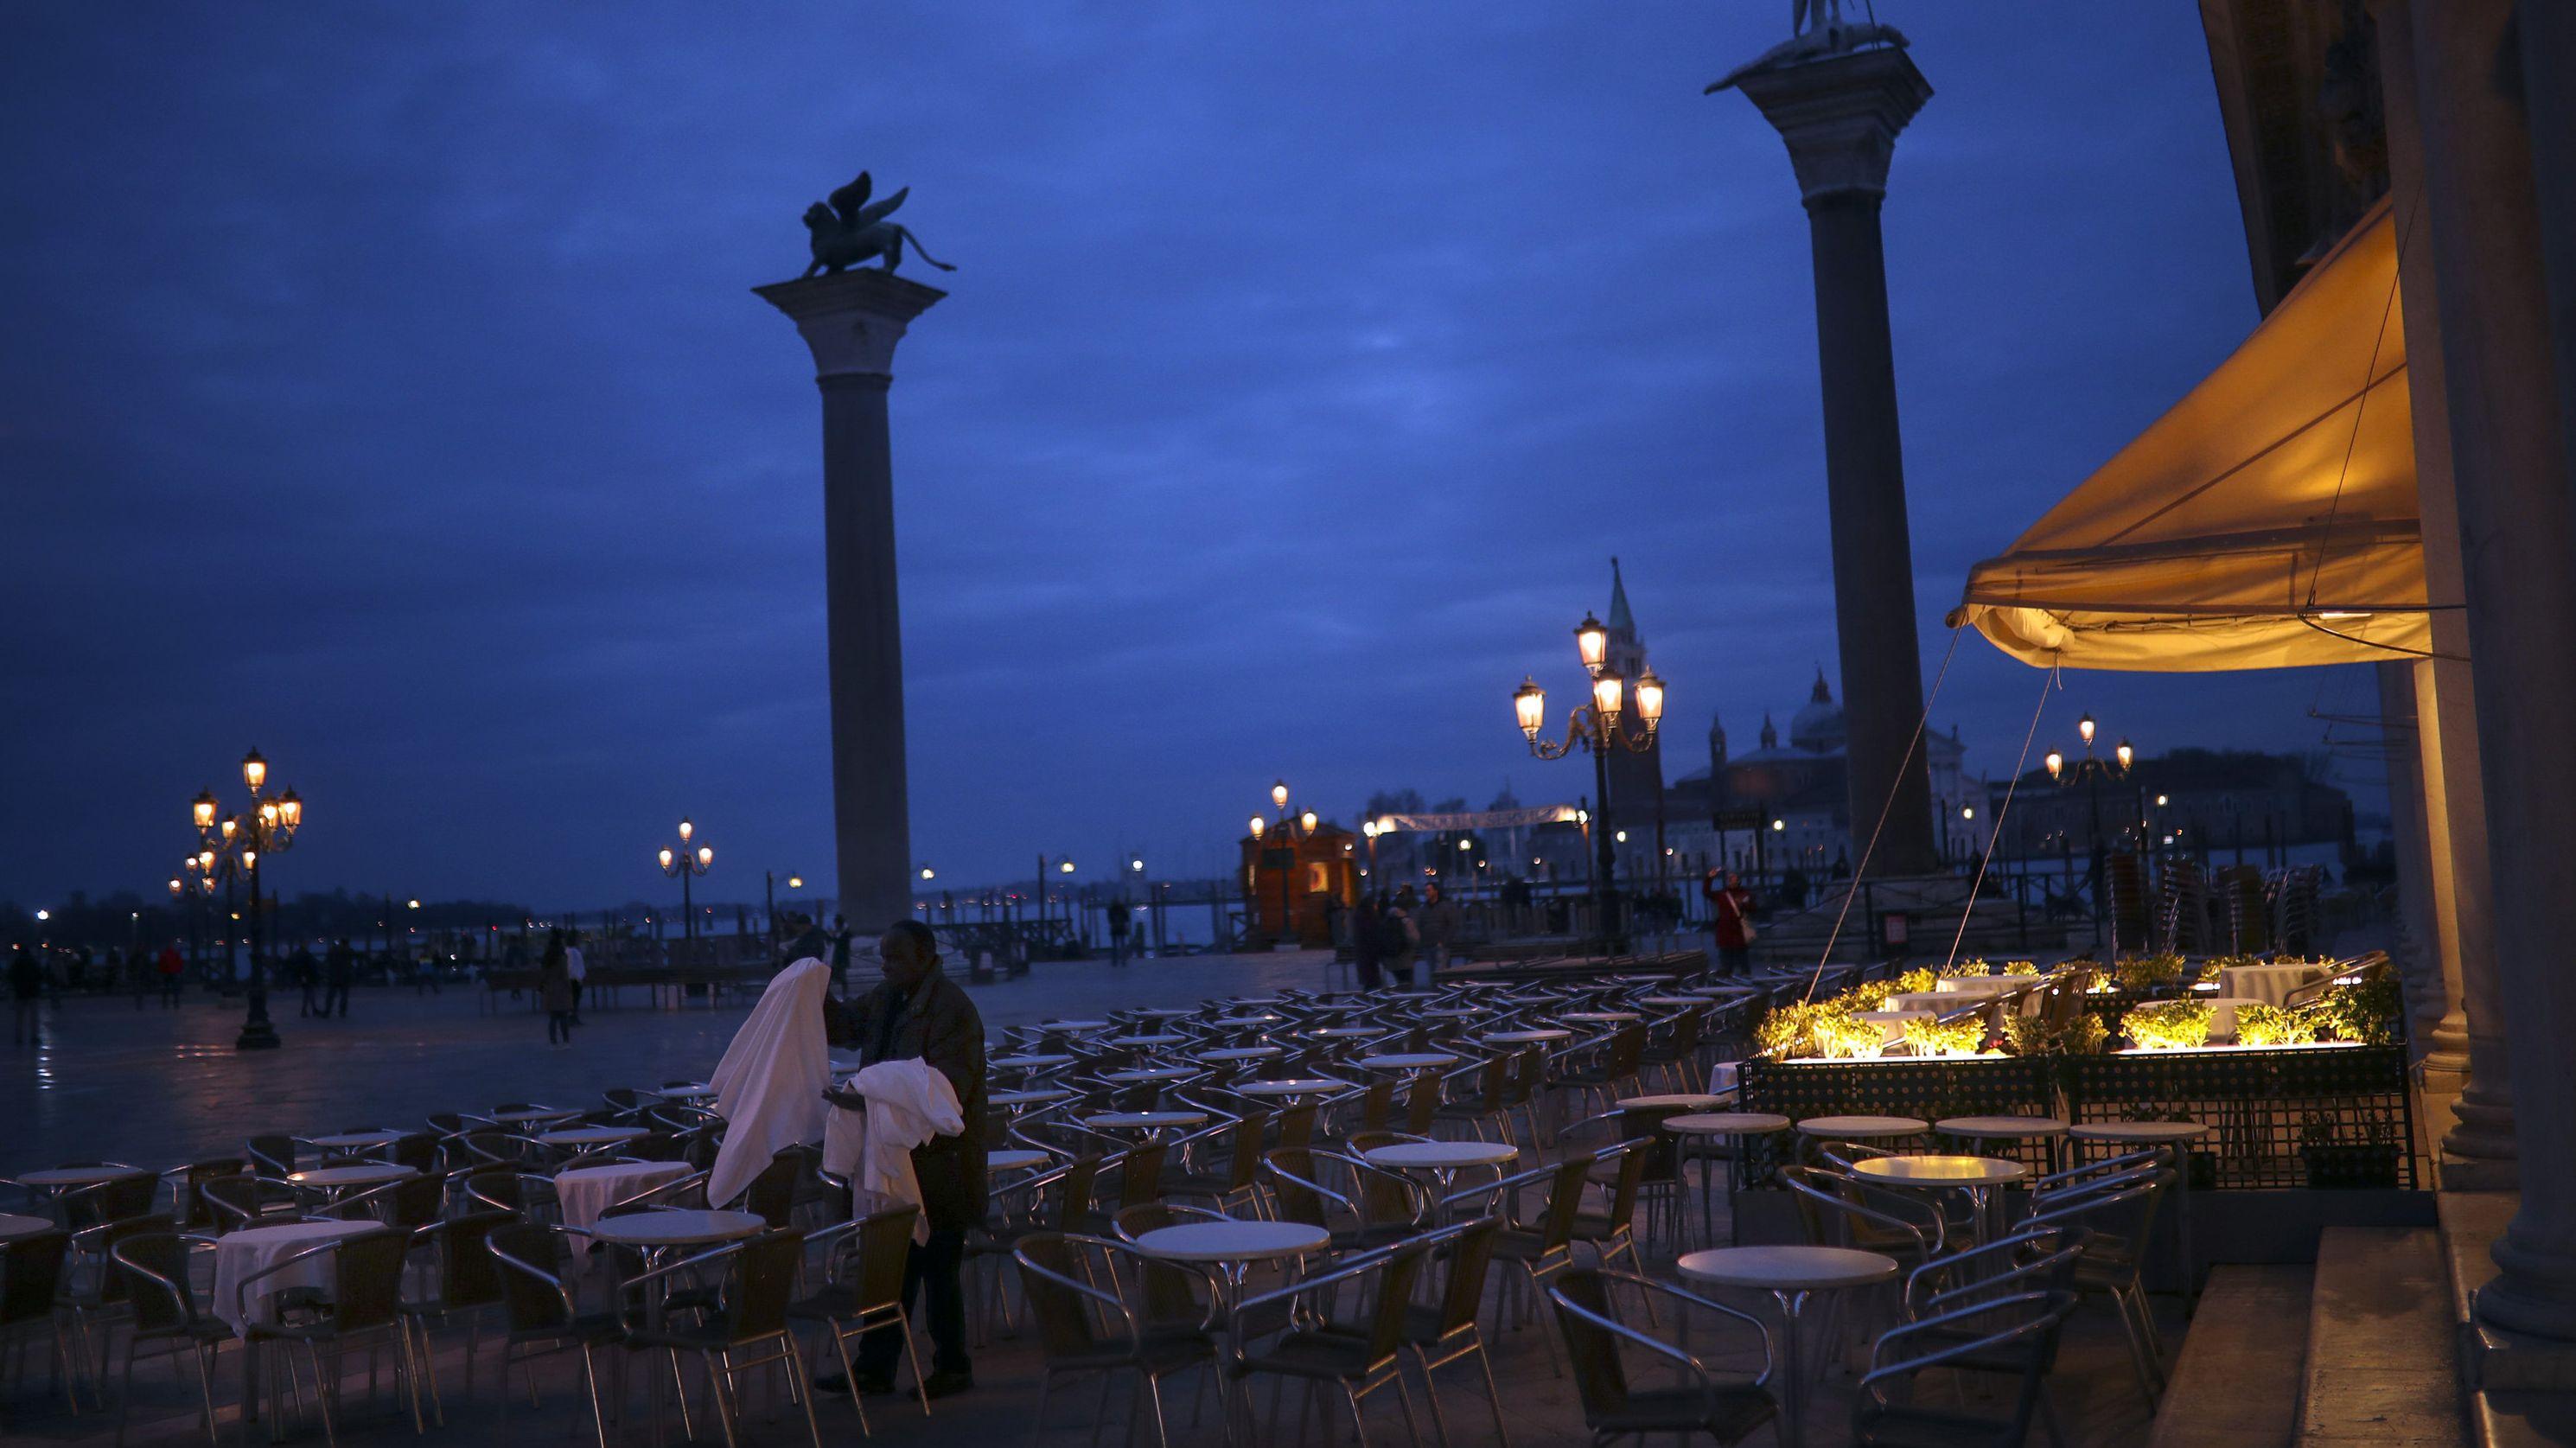 Leeres Straßencafe in Venedig in der Abenddämmerung - ein Mann holt die Tischdecken rein